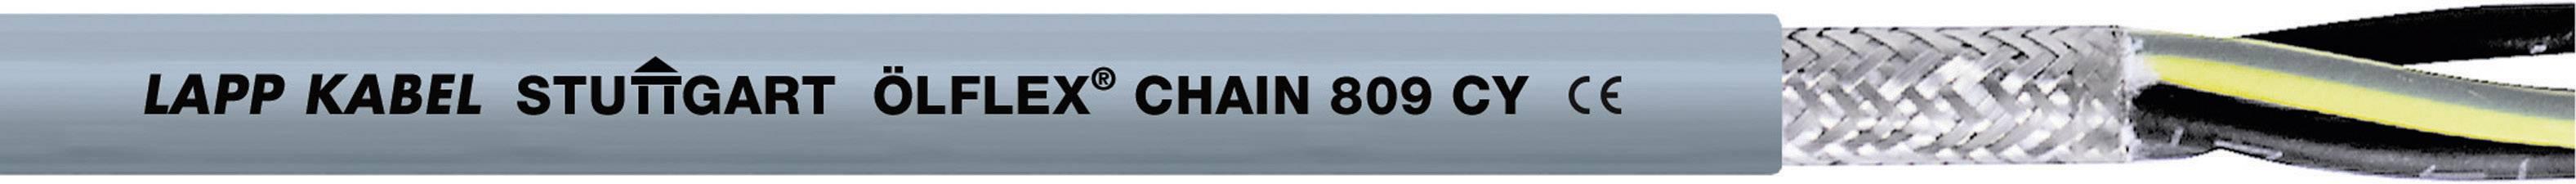 Žíla kabelu LappKabel ÖLFLEX CHAIN 809 CY 2X0,75 (1026759), 2x 0,75 mm², PVC, Ø 6,2 mm, stíněný, 50 m, šedá